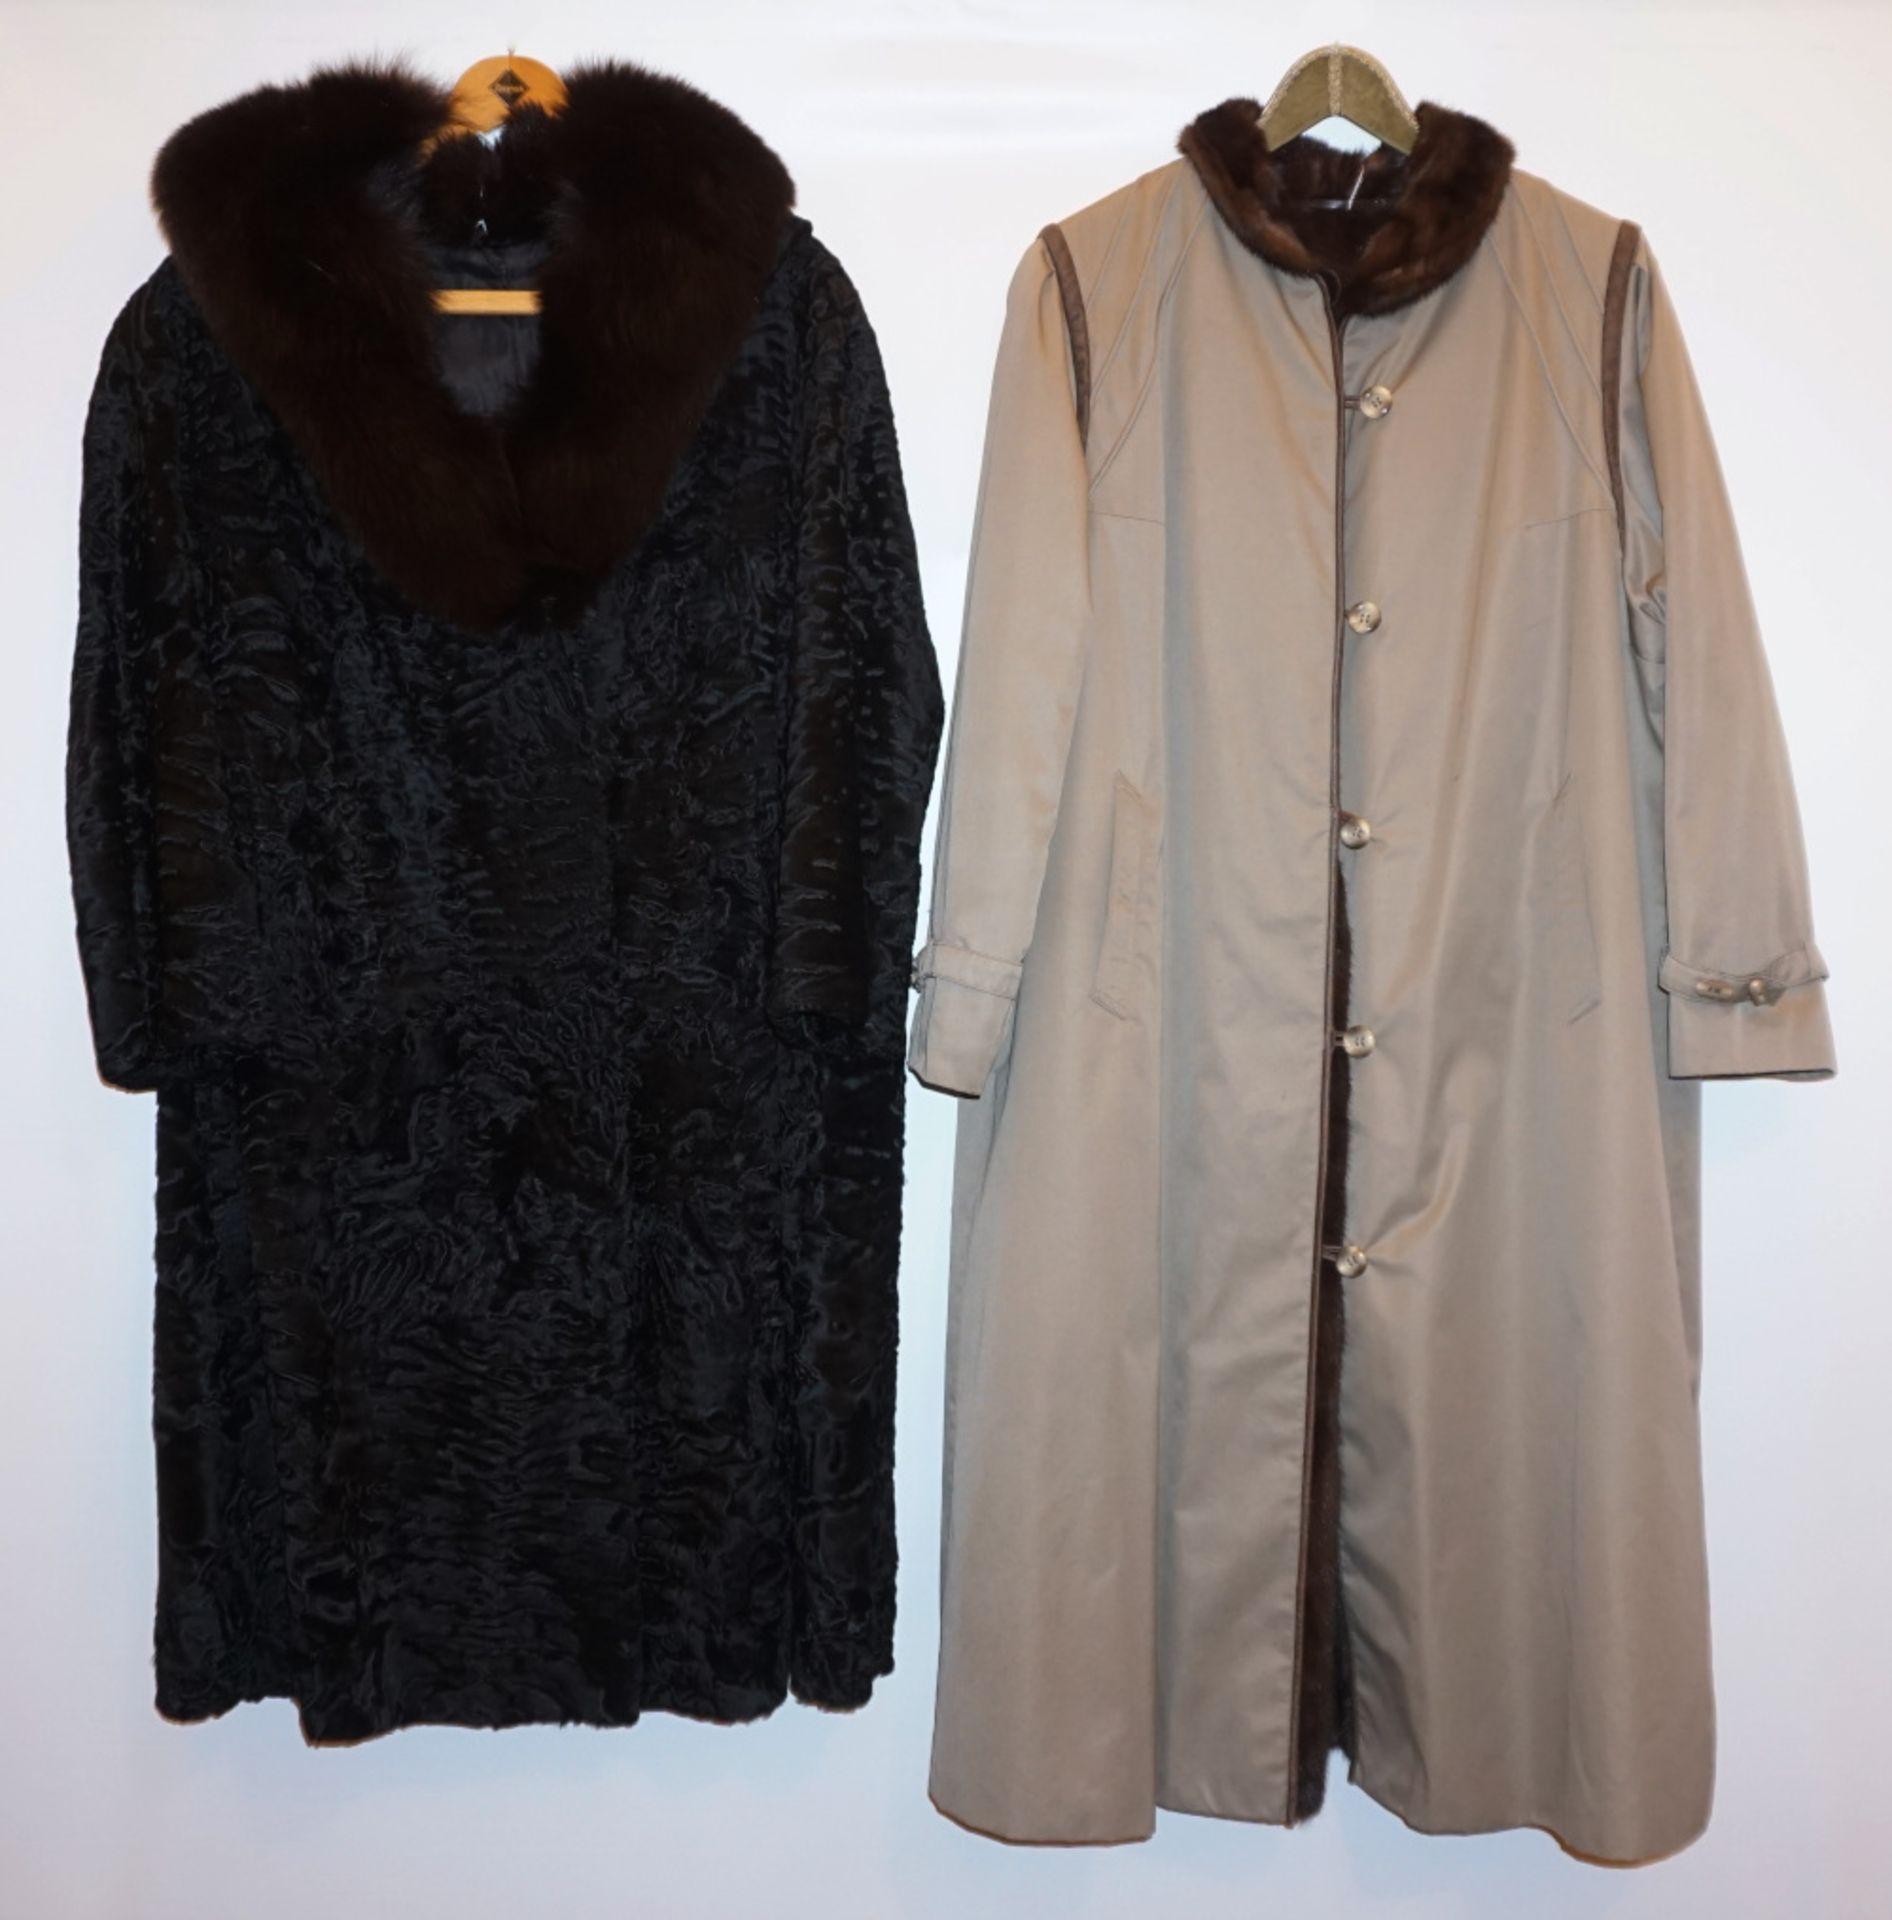 1 Mantel Breitschwanz m. Fuchskragen schwarz sowie 1 Mantel Textil m. Nerzfutter Tsp.